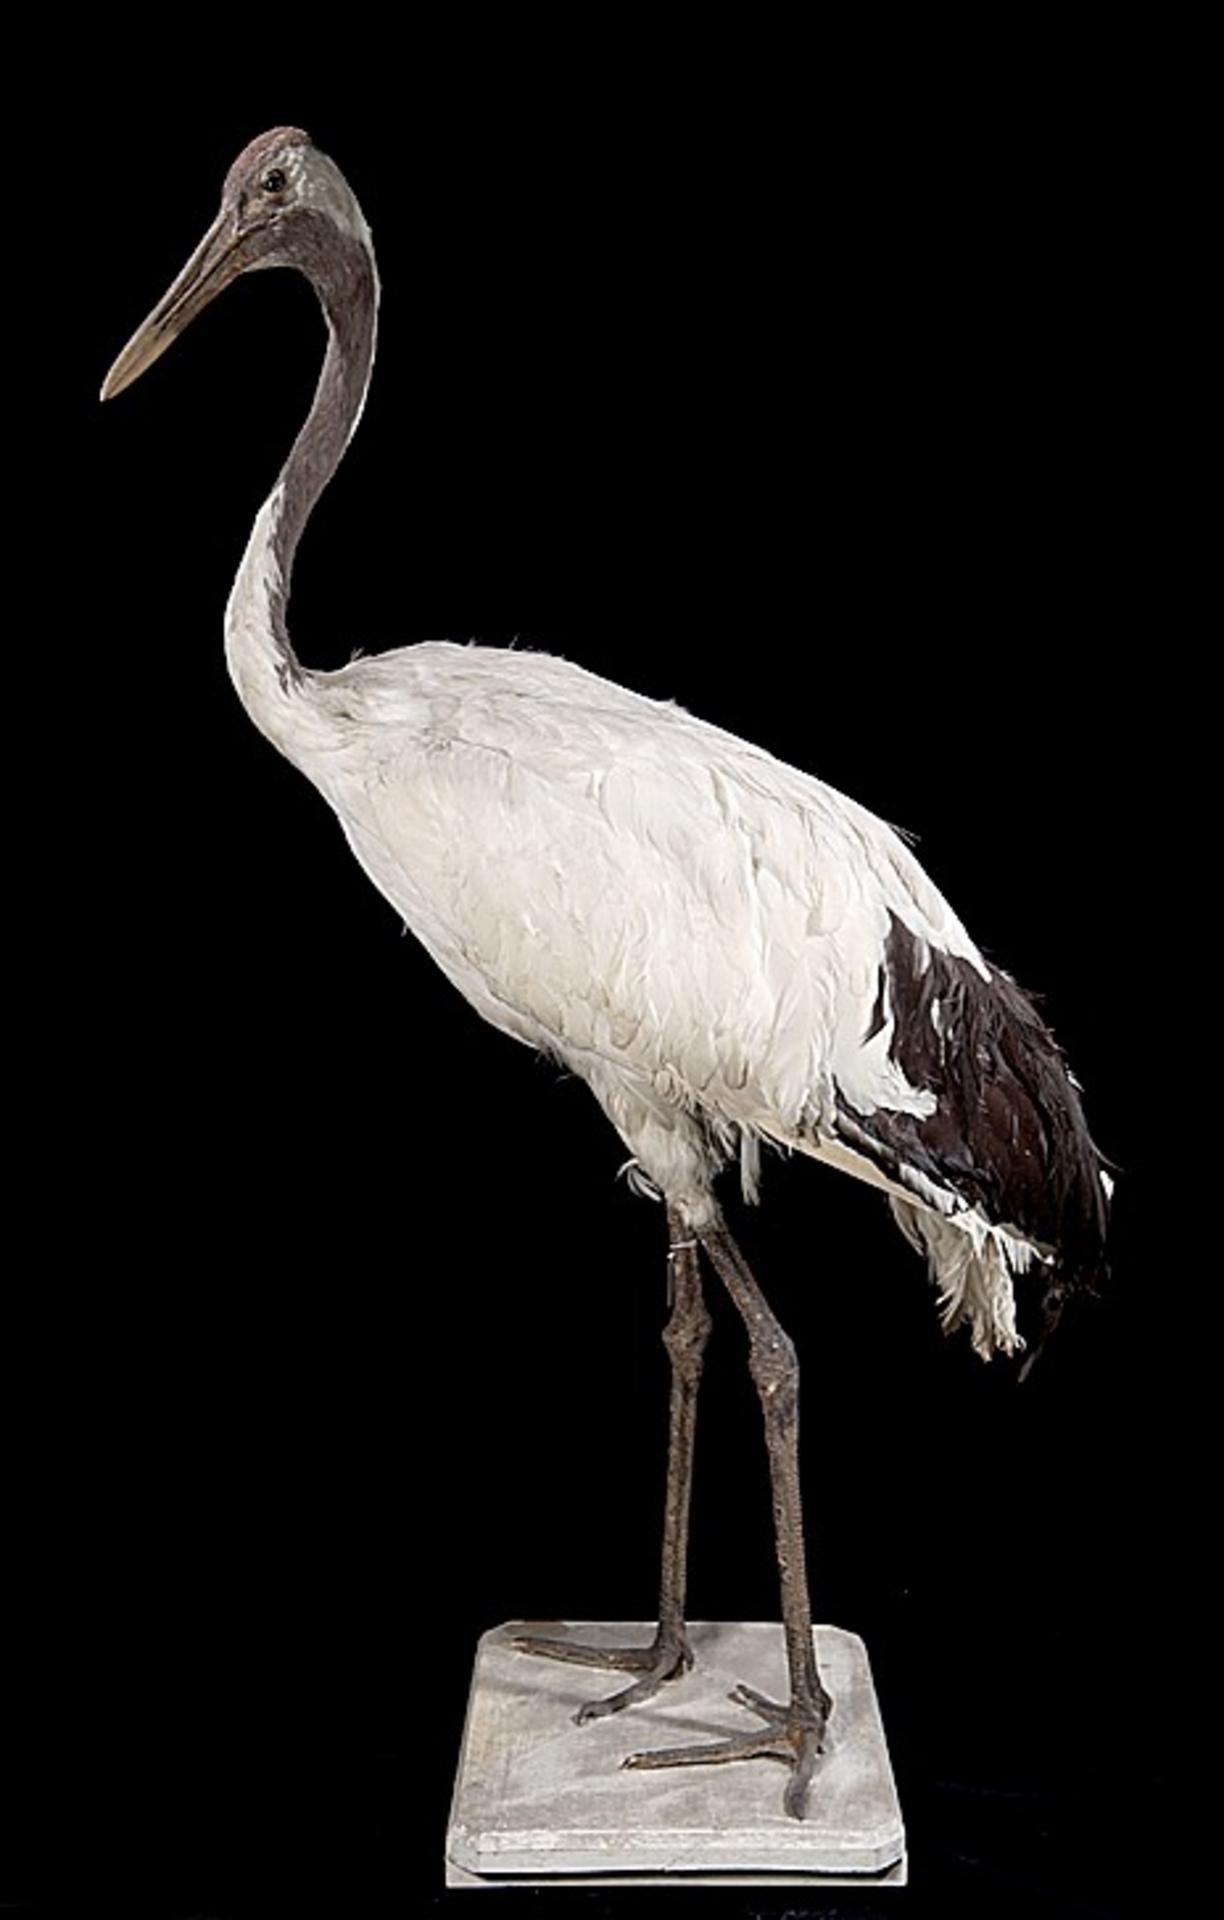 Naturalis Biodiversity Center - ZMA.AVES.56857 - Grus japonensis (p. l. s. muller) c.f. Statius Muller, 1776 - Gruidae - skin specimen.jpeg